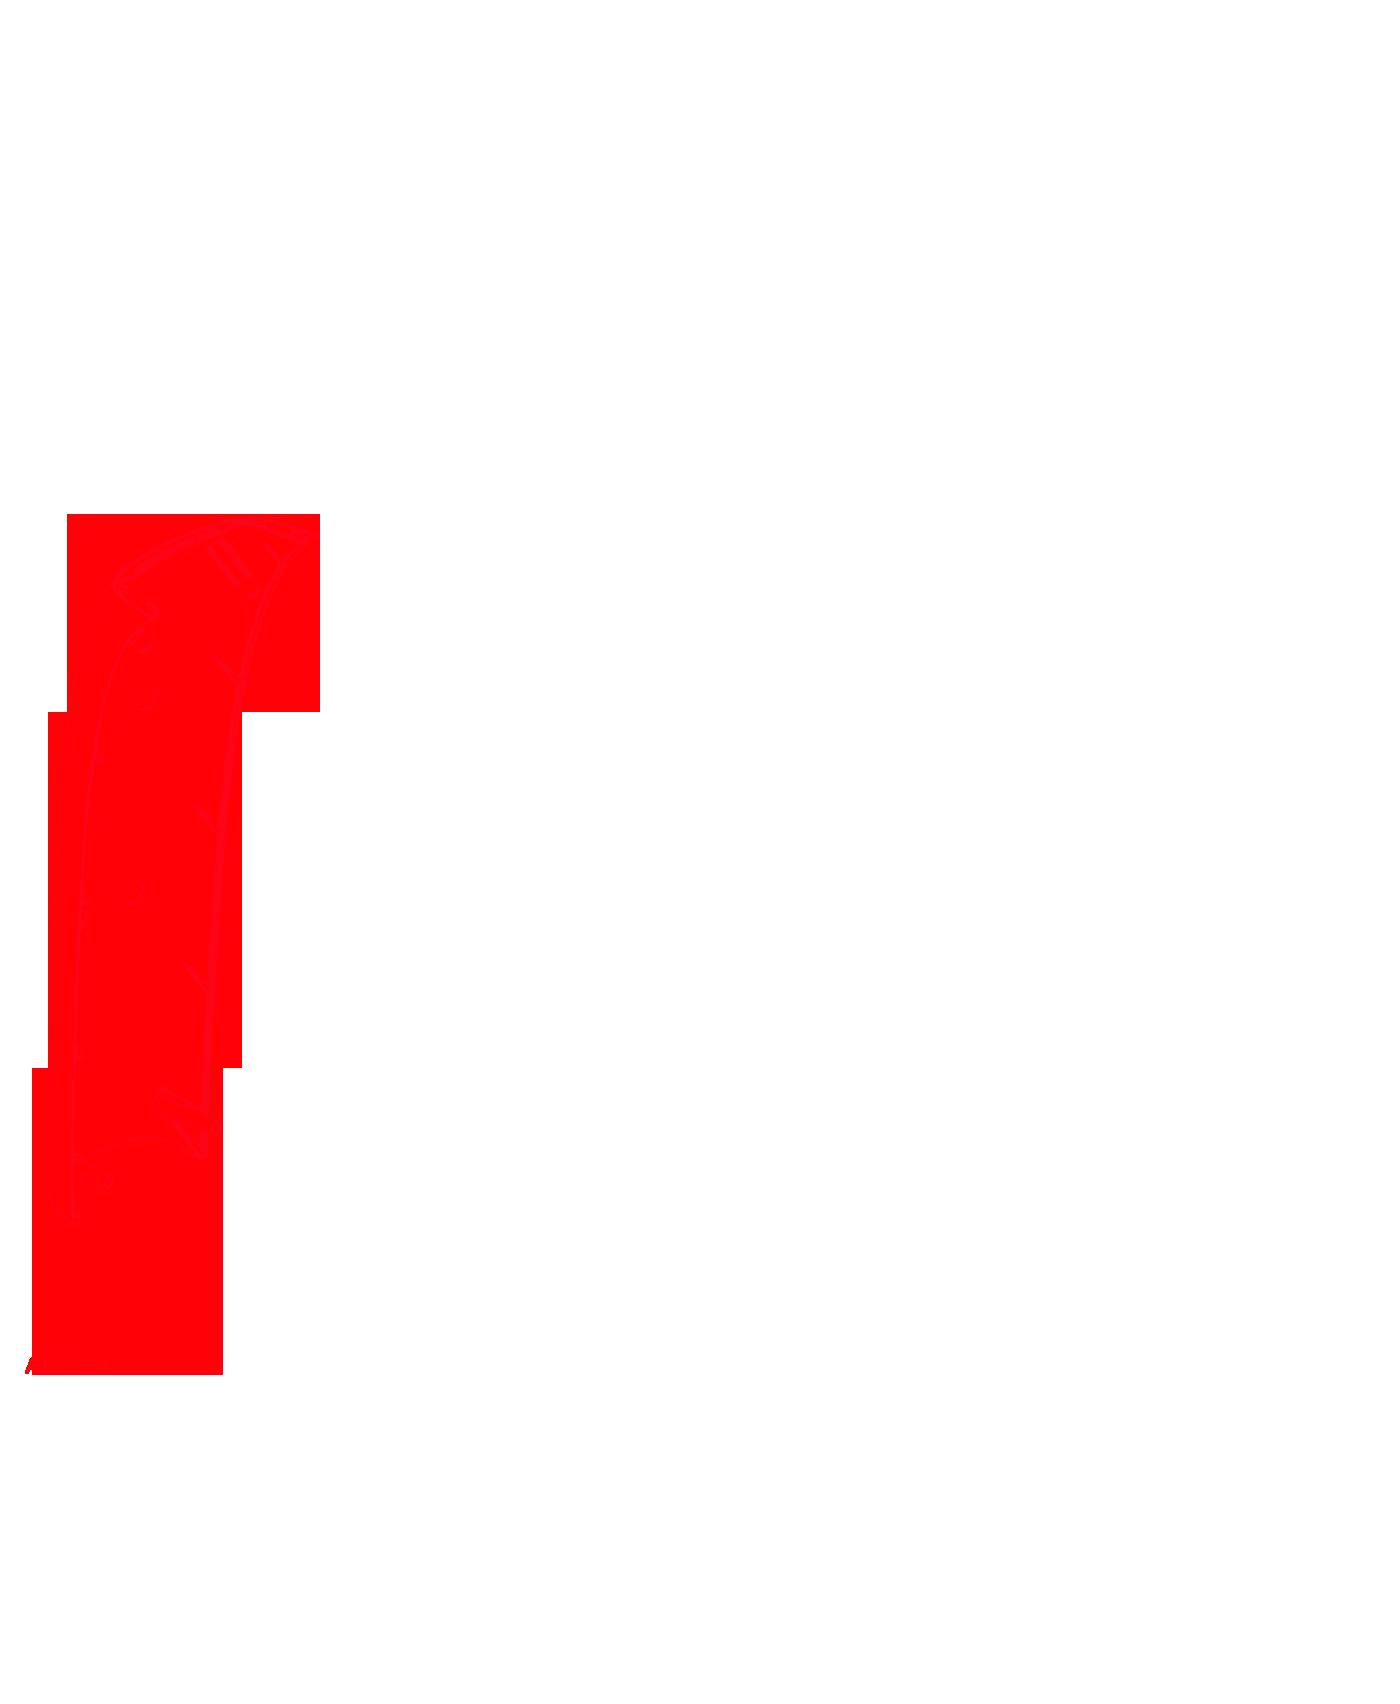 Abdeckung Lenksäule